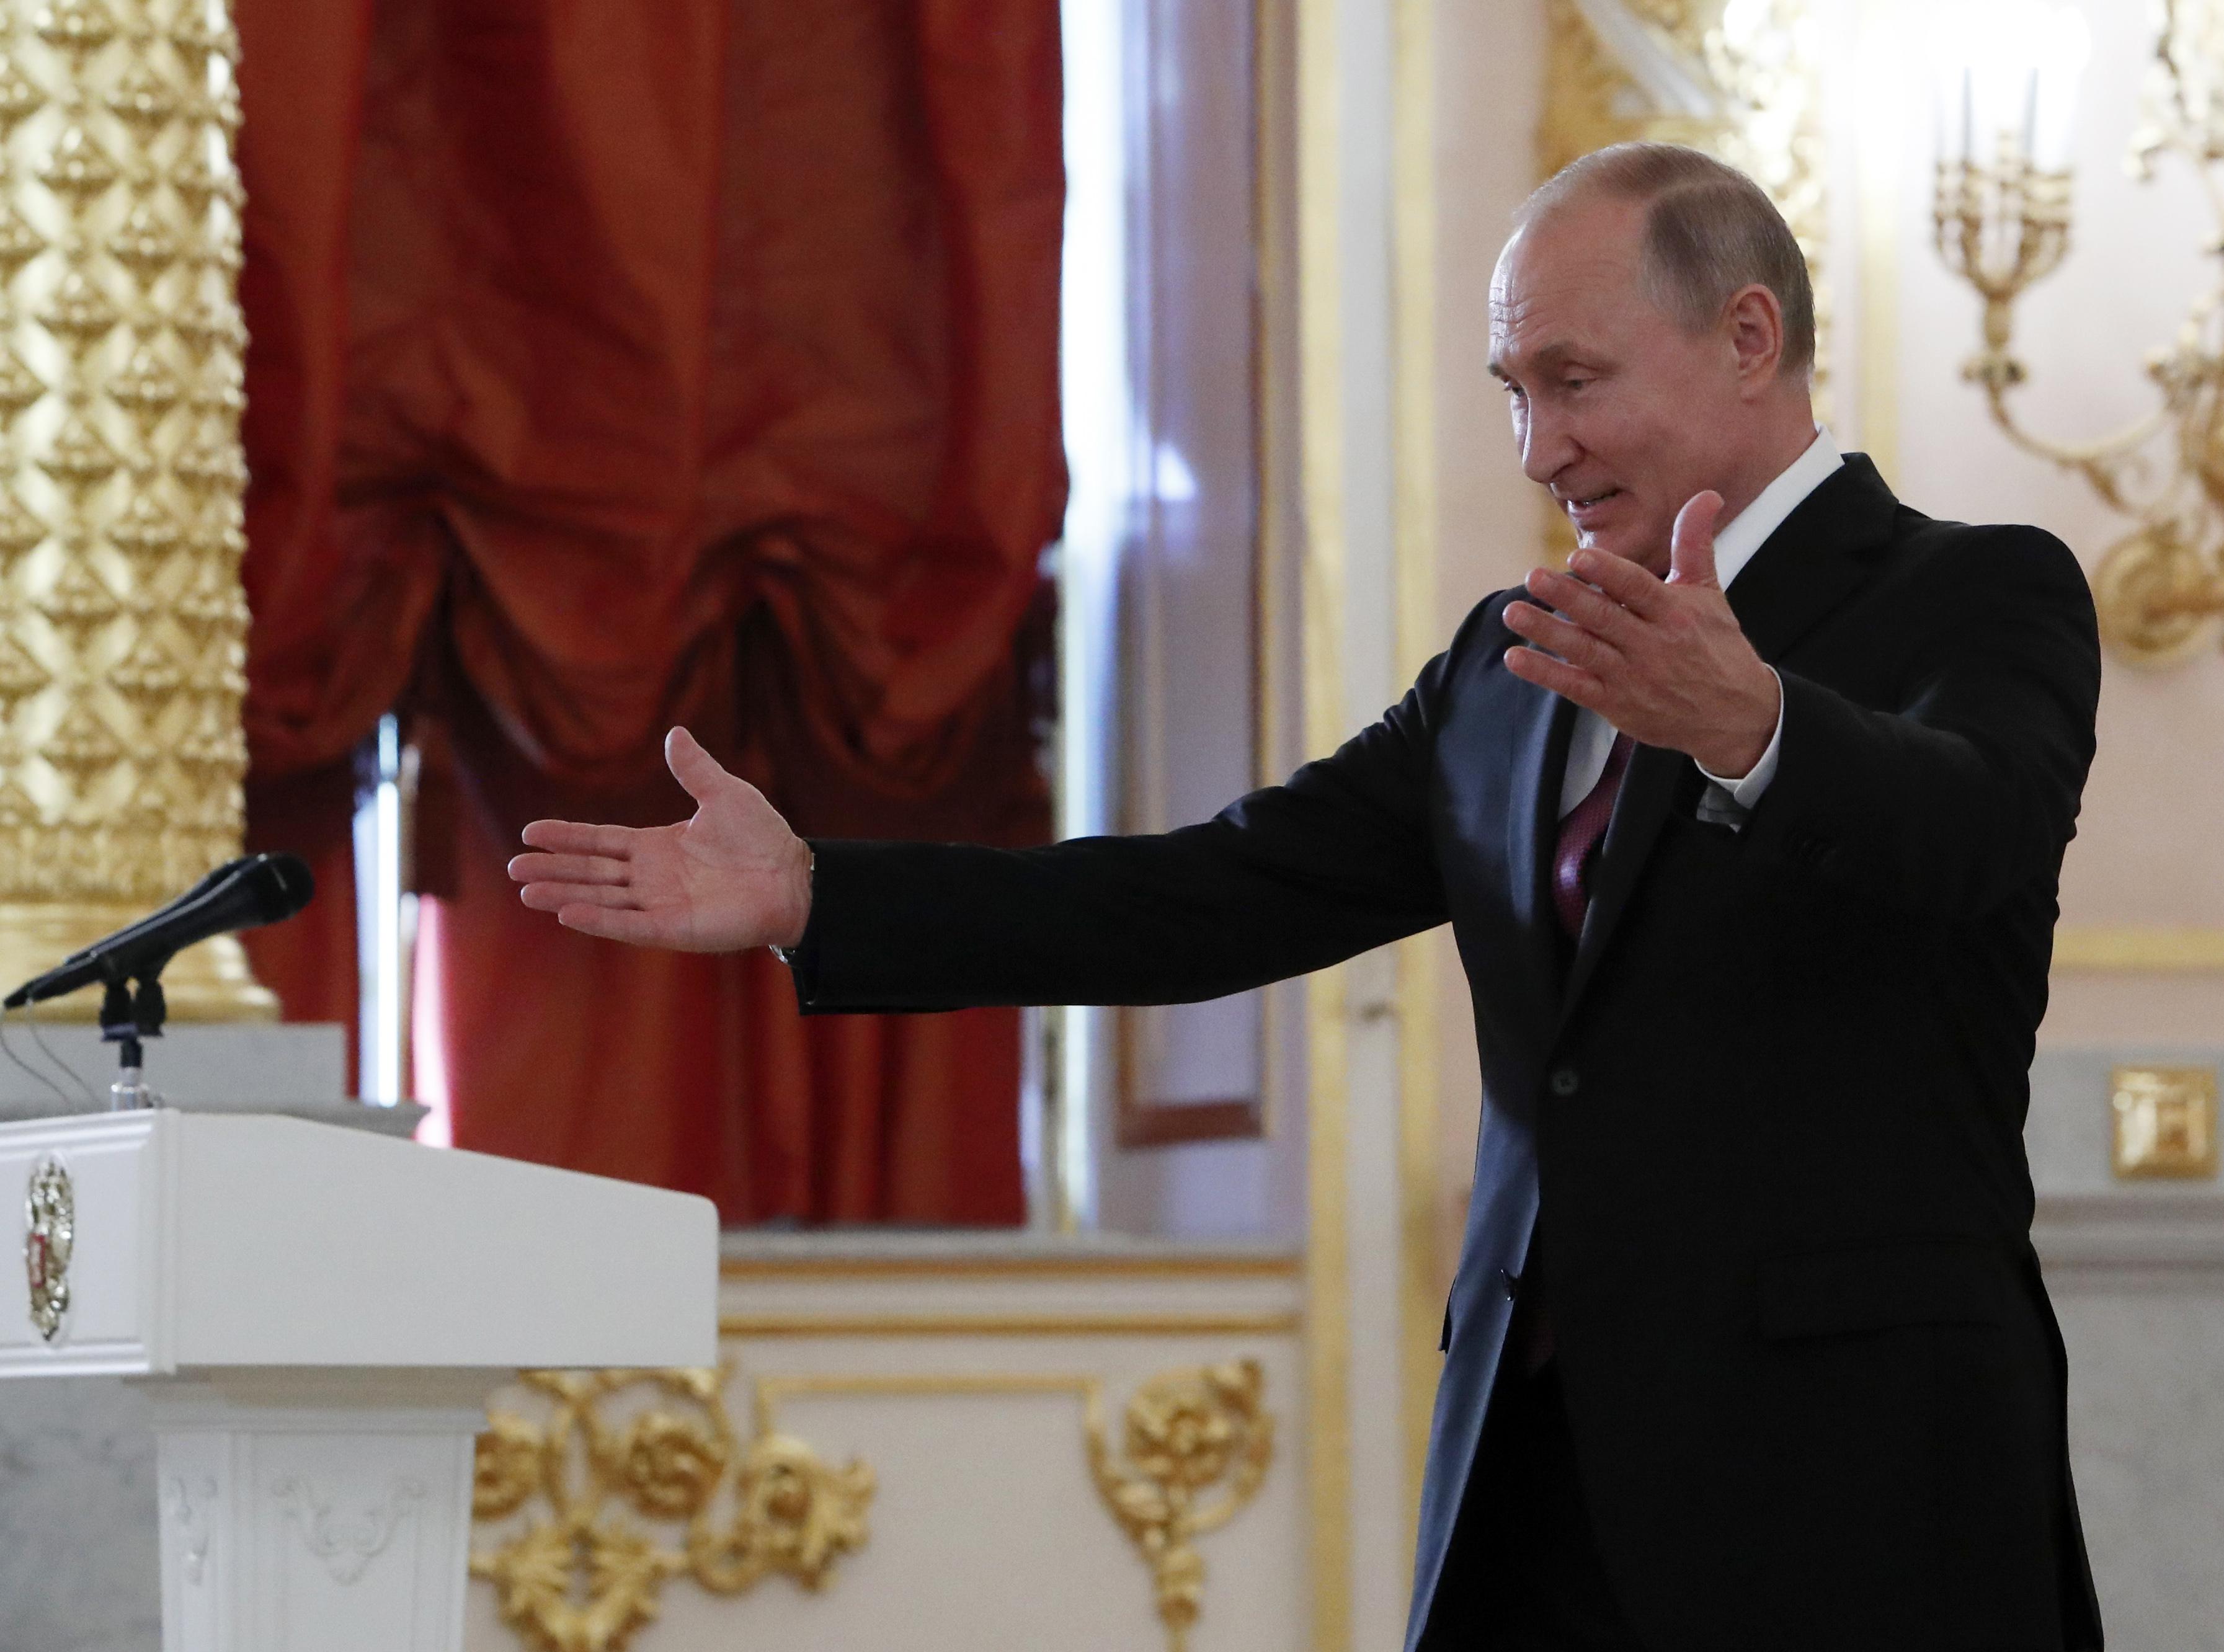 Putyin szóvivője szerint teljesen alaptalan, hogy bármi közük lett volna az amerikai választások befolyásolásához